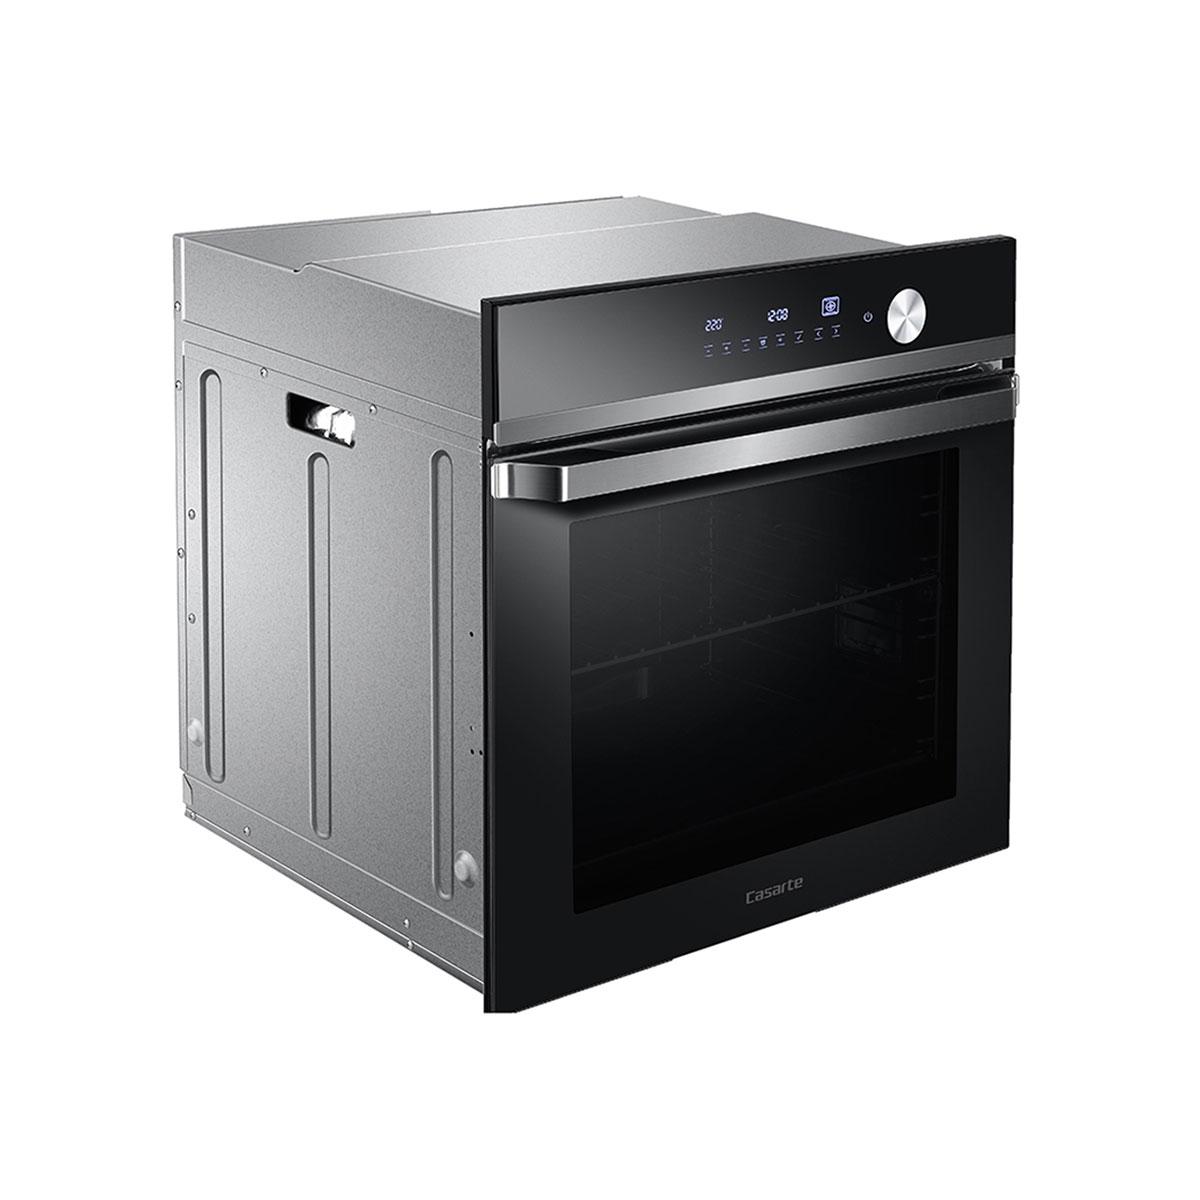 Casarte/卡萨帝                         嵌入式厨电                         C5O60EE10B1